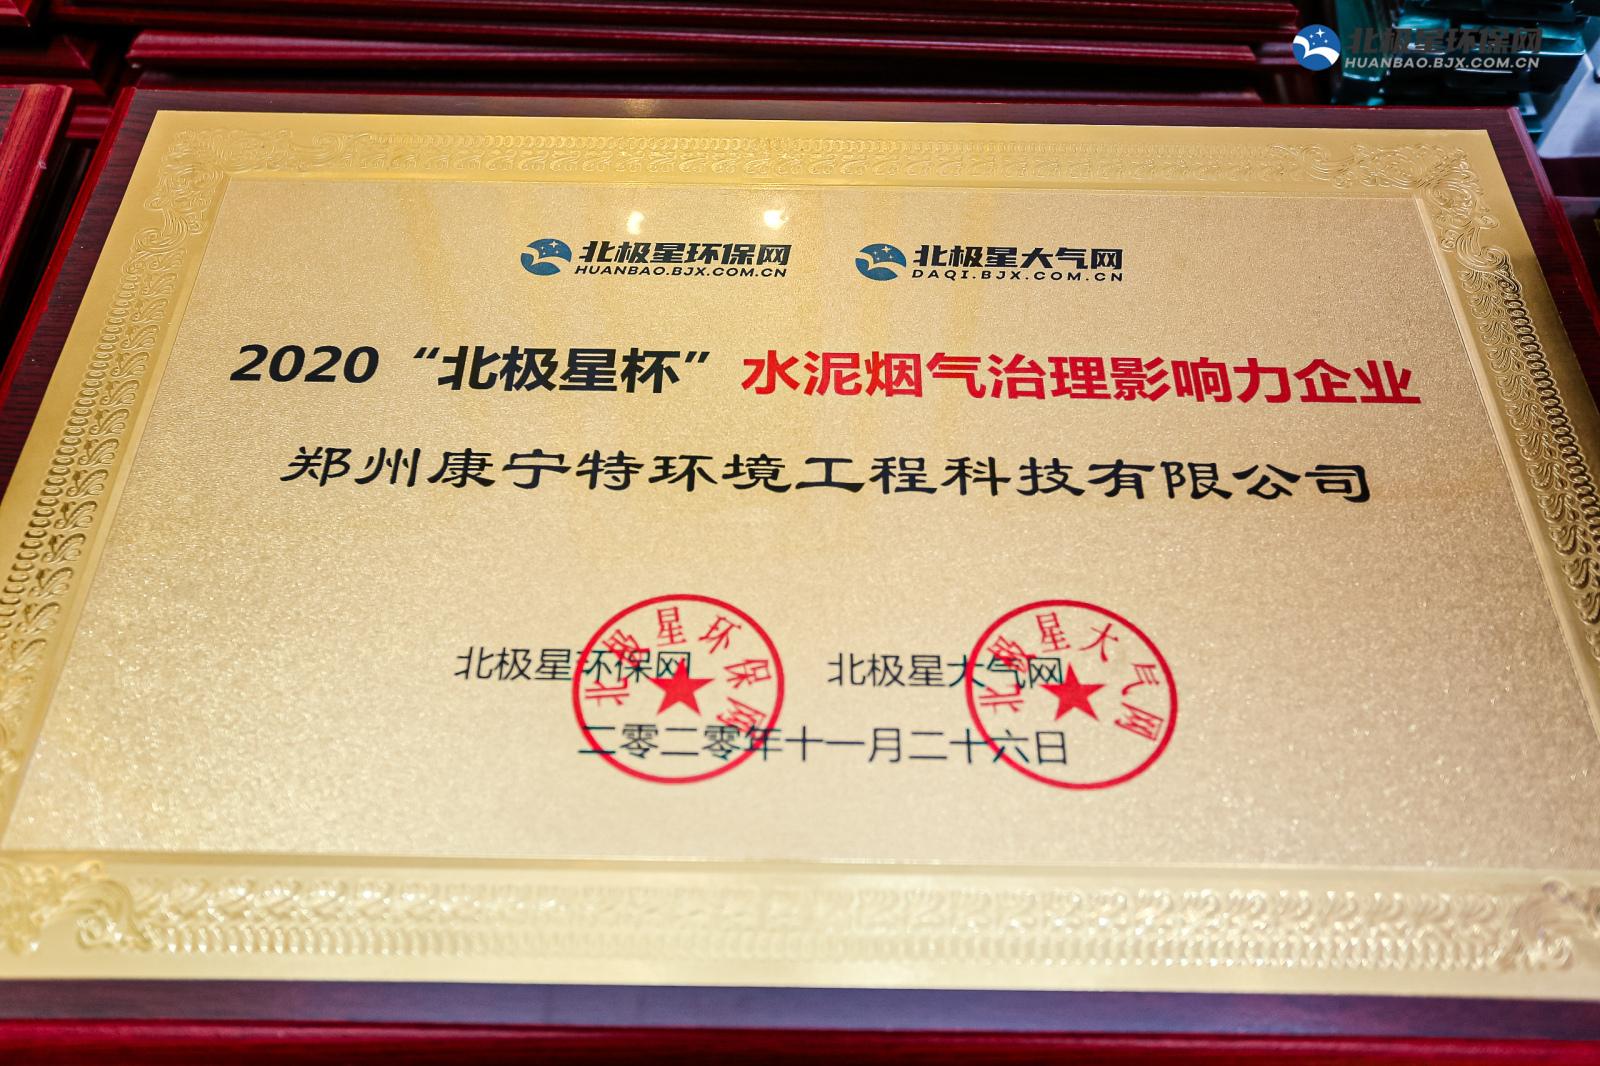 """双喜临门 康宁特环保在2020""""北极星杯""""烟气治理影响力企业评选活动中荣获两项殊荣"""